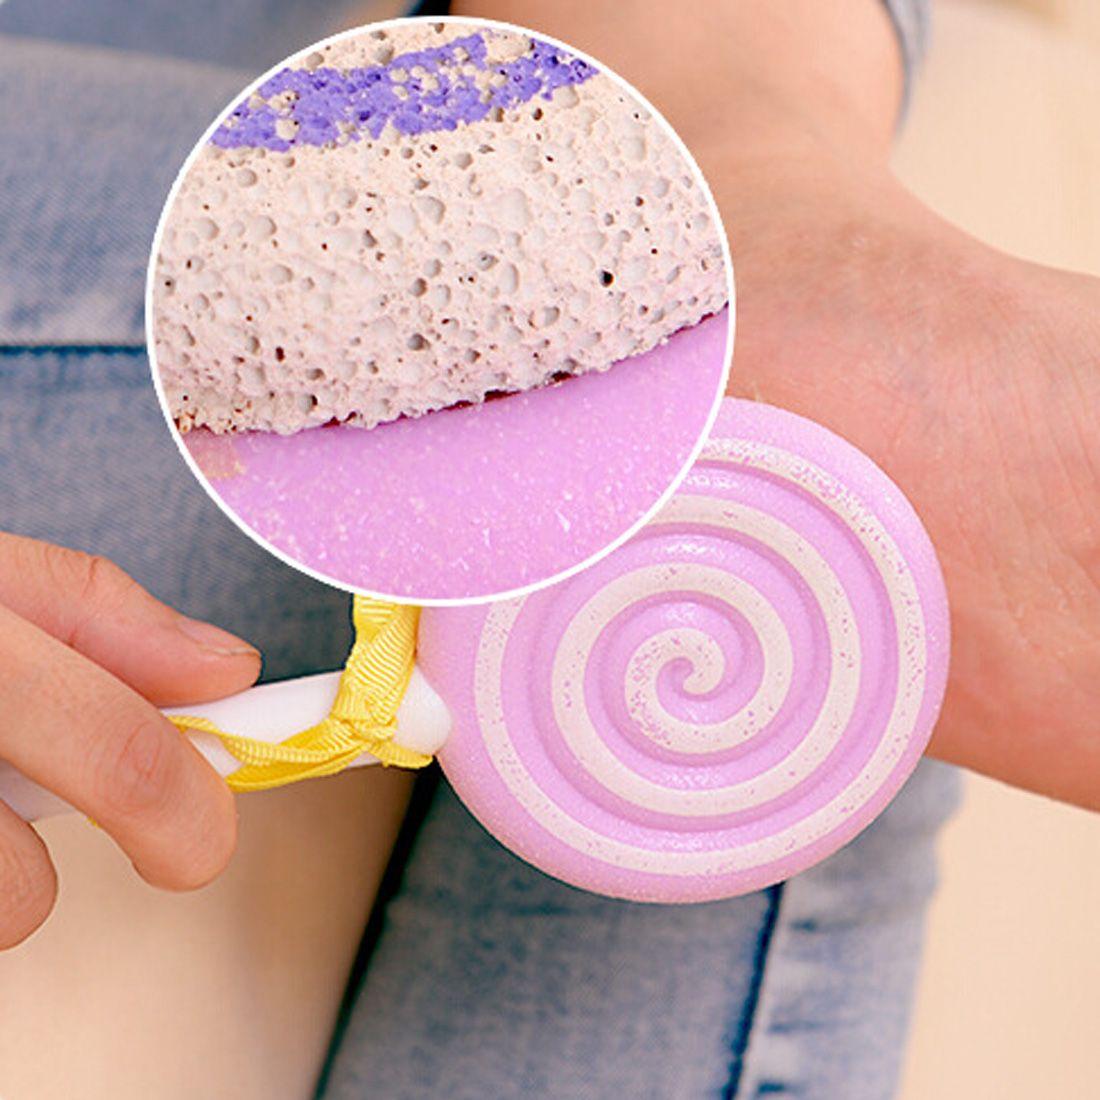 3.35US $ 20% OFF|Best 1pc Cute Lollipop Pedicure Foot File Scraper Scrubber Pedicure Tool Foot Clean Scruber Hard Skin Remover Scrub Pumice Stone|pedicure tools|foot filehard skin - AliExpress